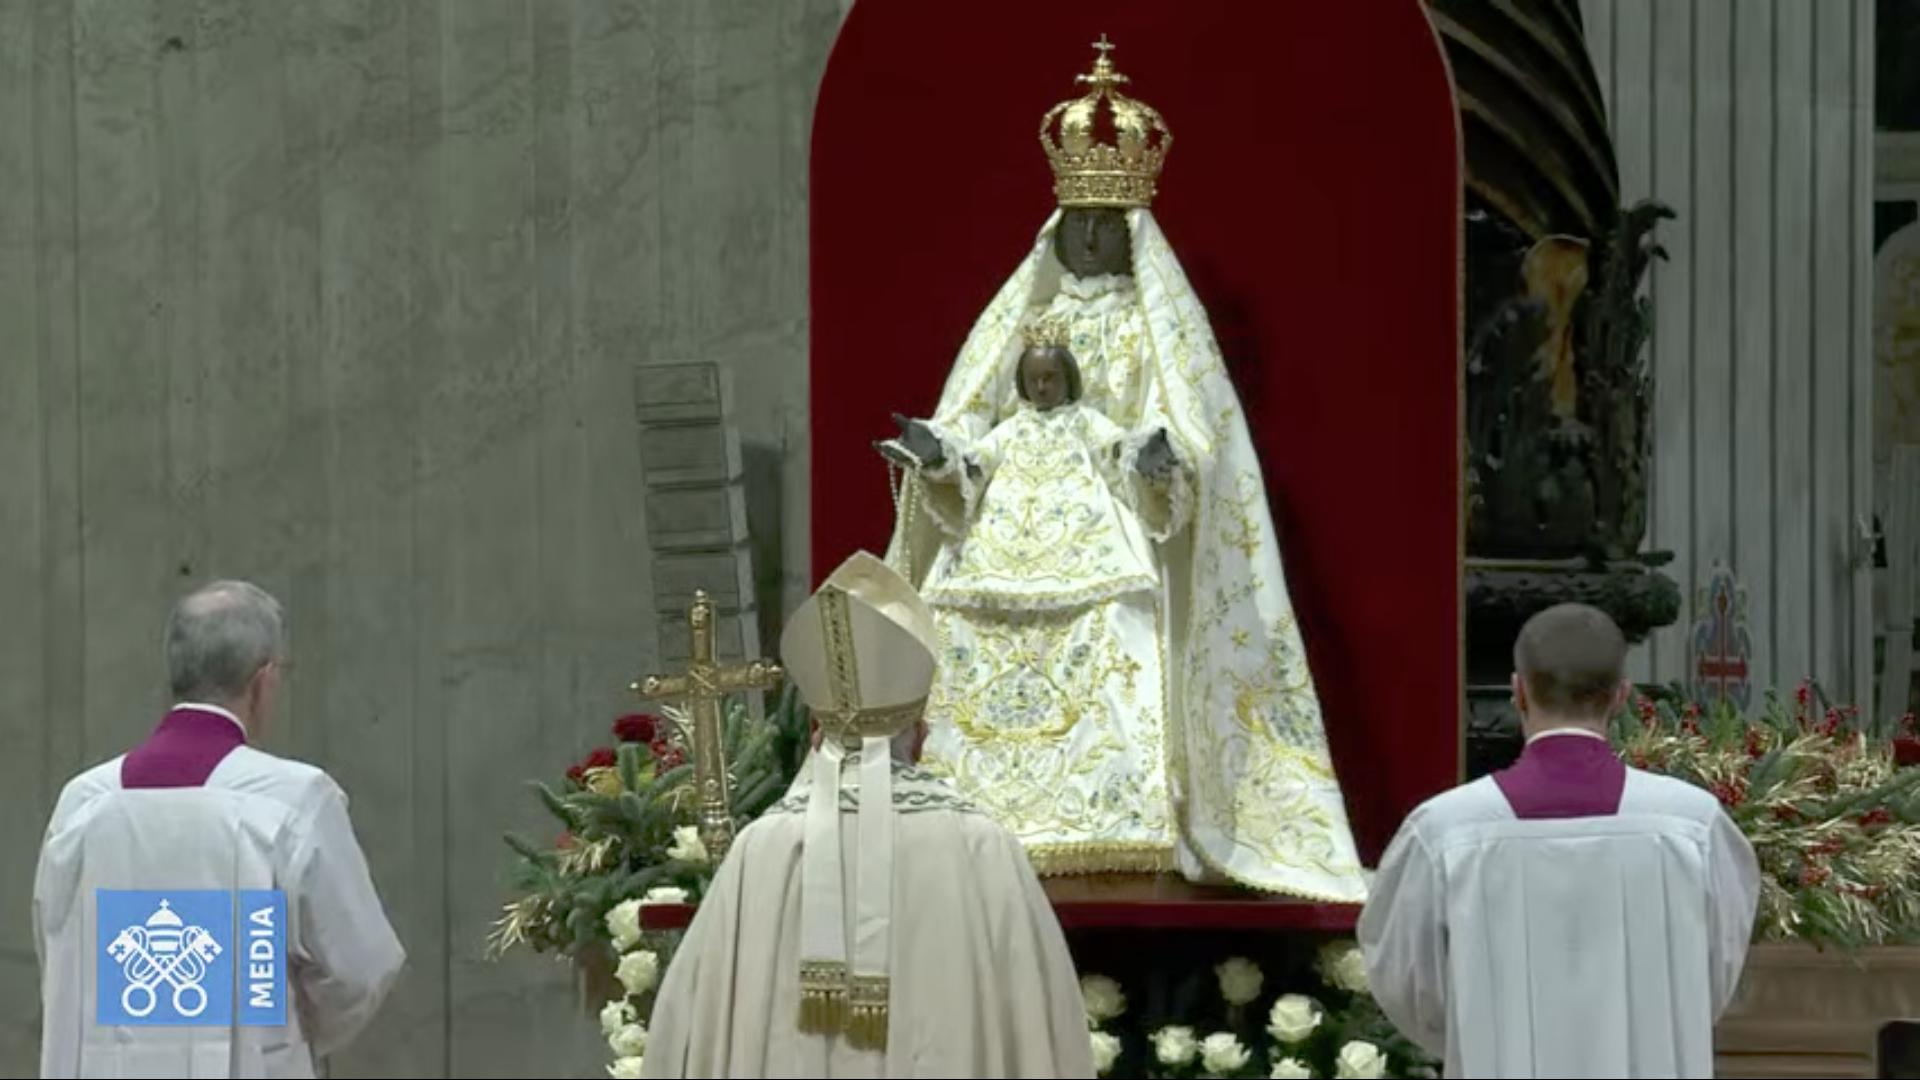 La Vierge à l'Enfant de Foggia, Vêpres et Te Deum, 31 déc. 2019, capture @ Vatican Media